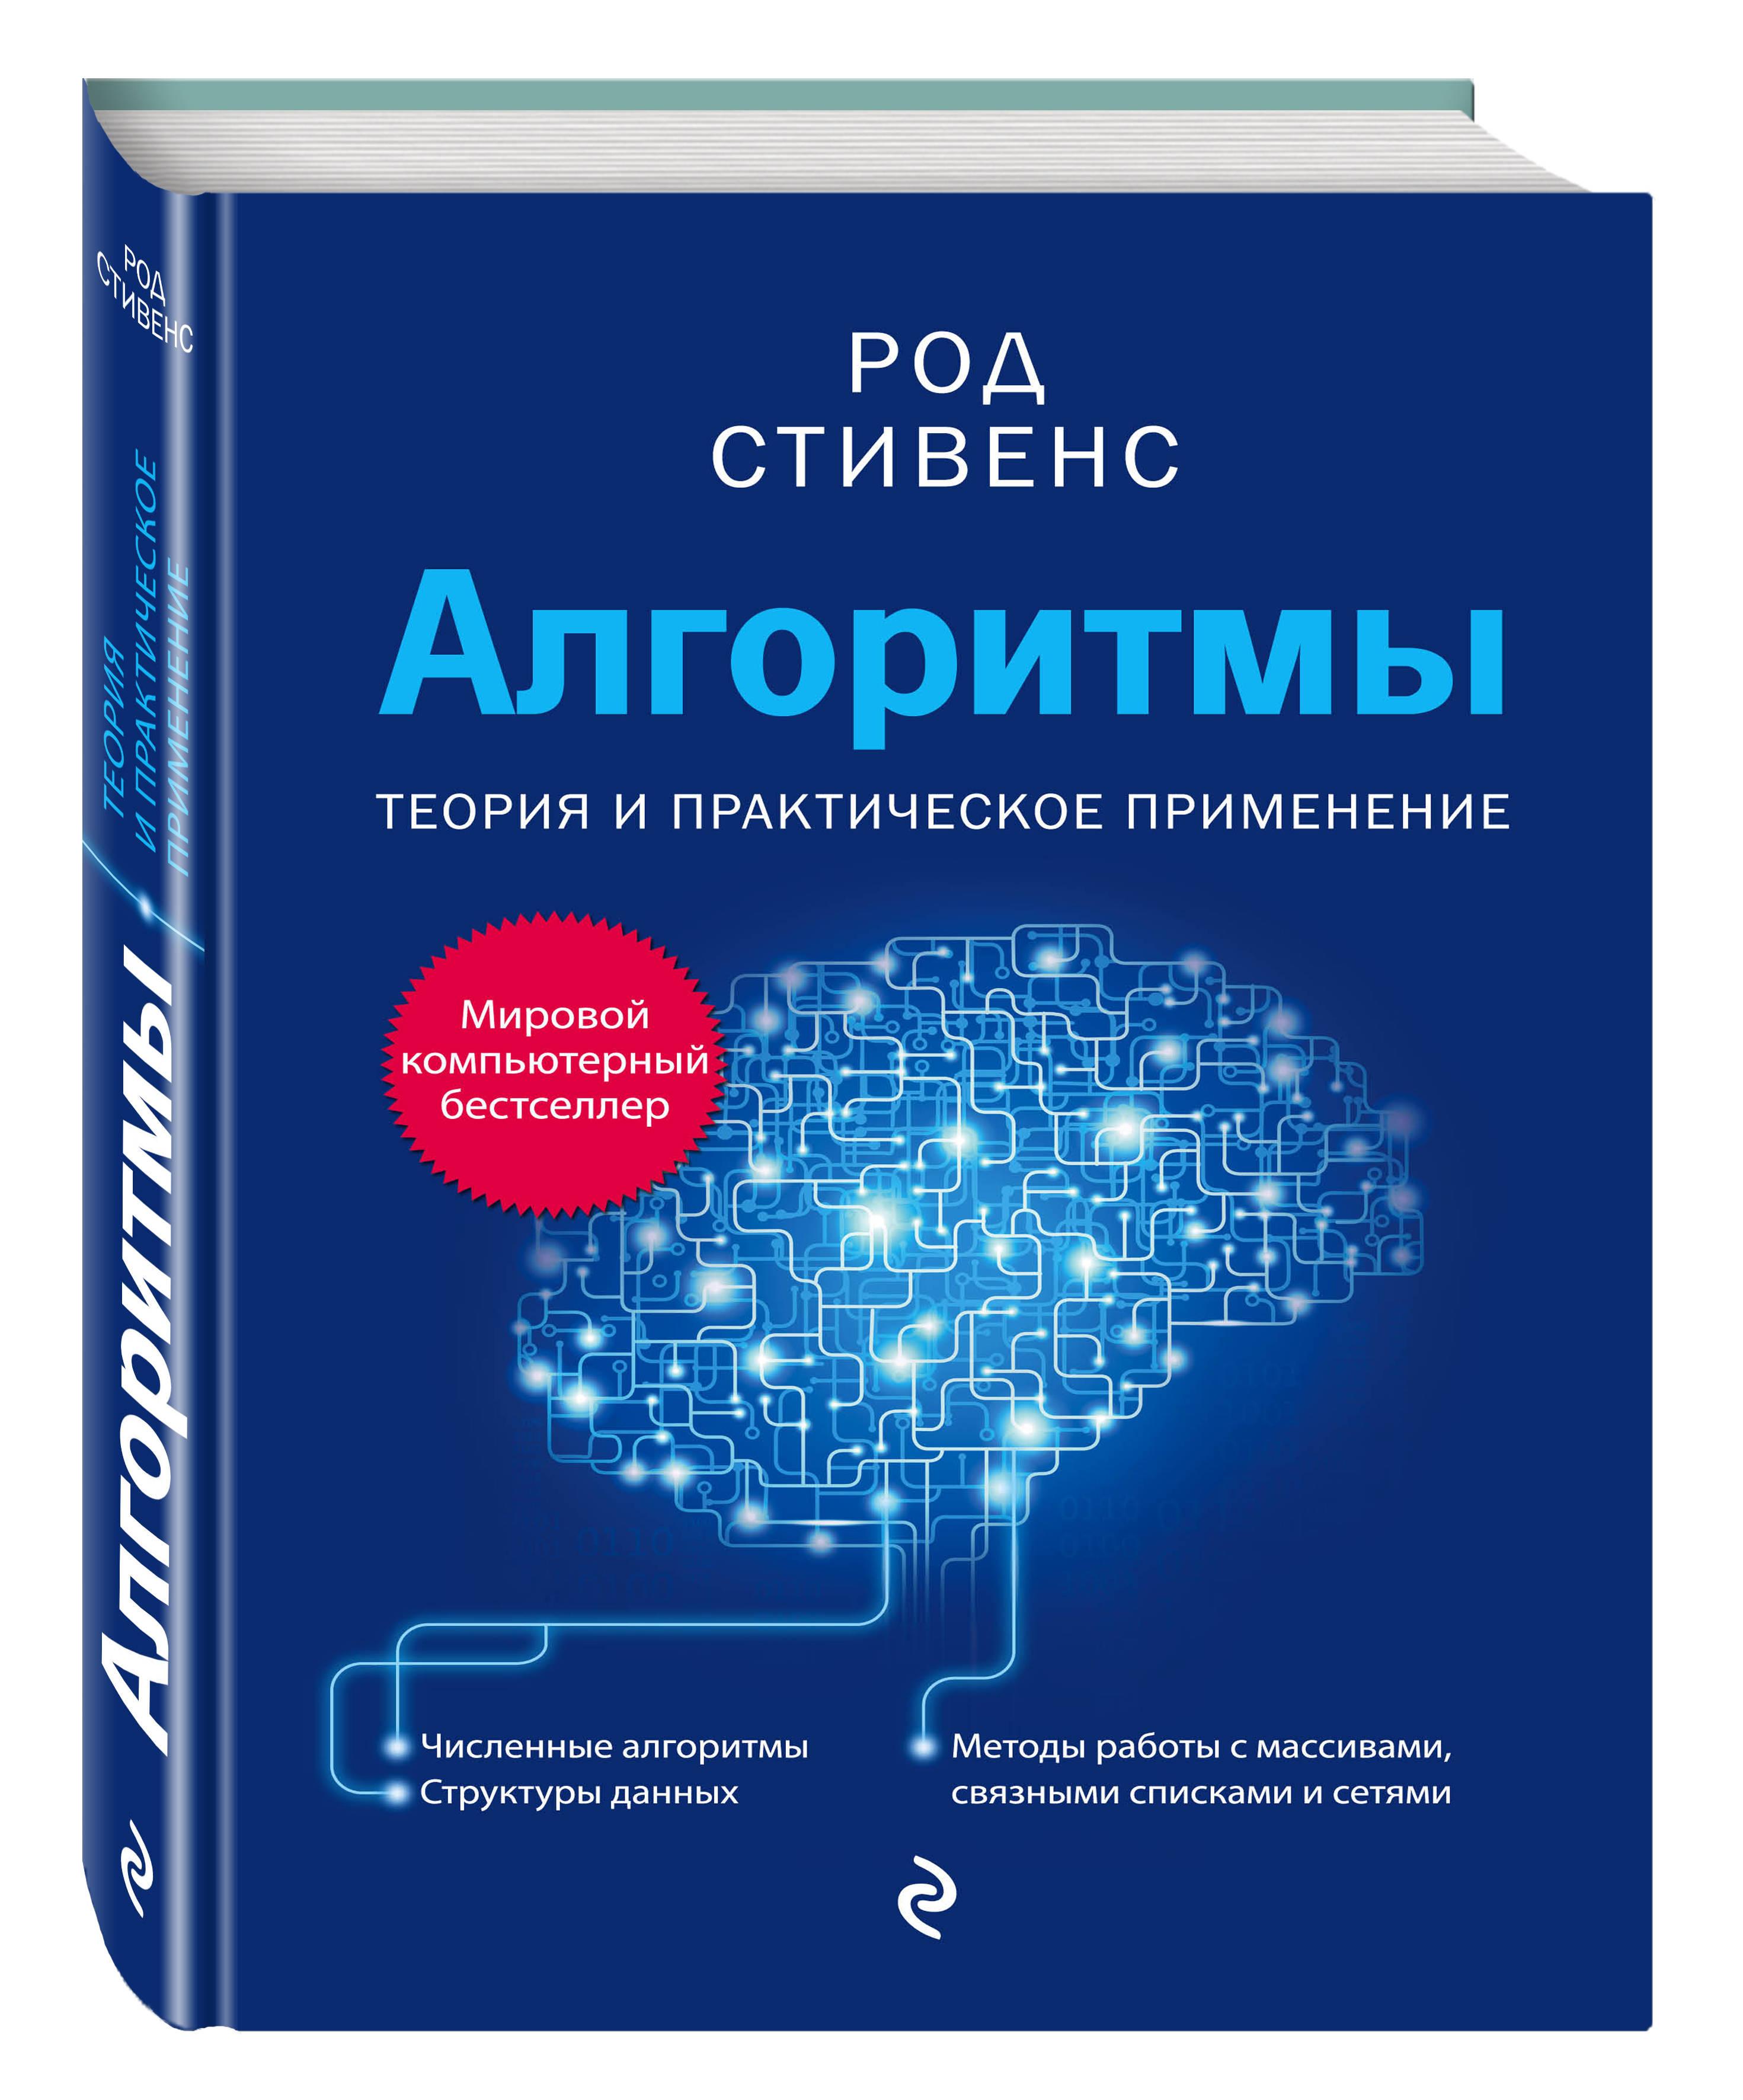 Алгоритмы. Теория и практическое применение ( Стивенс Р.  )